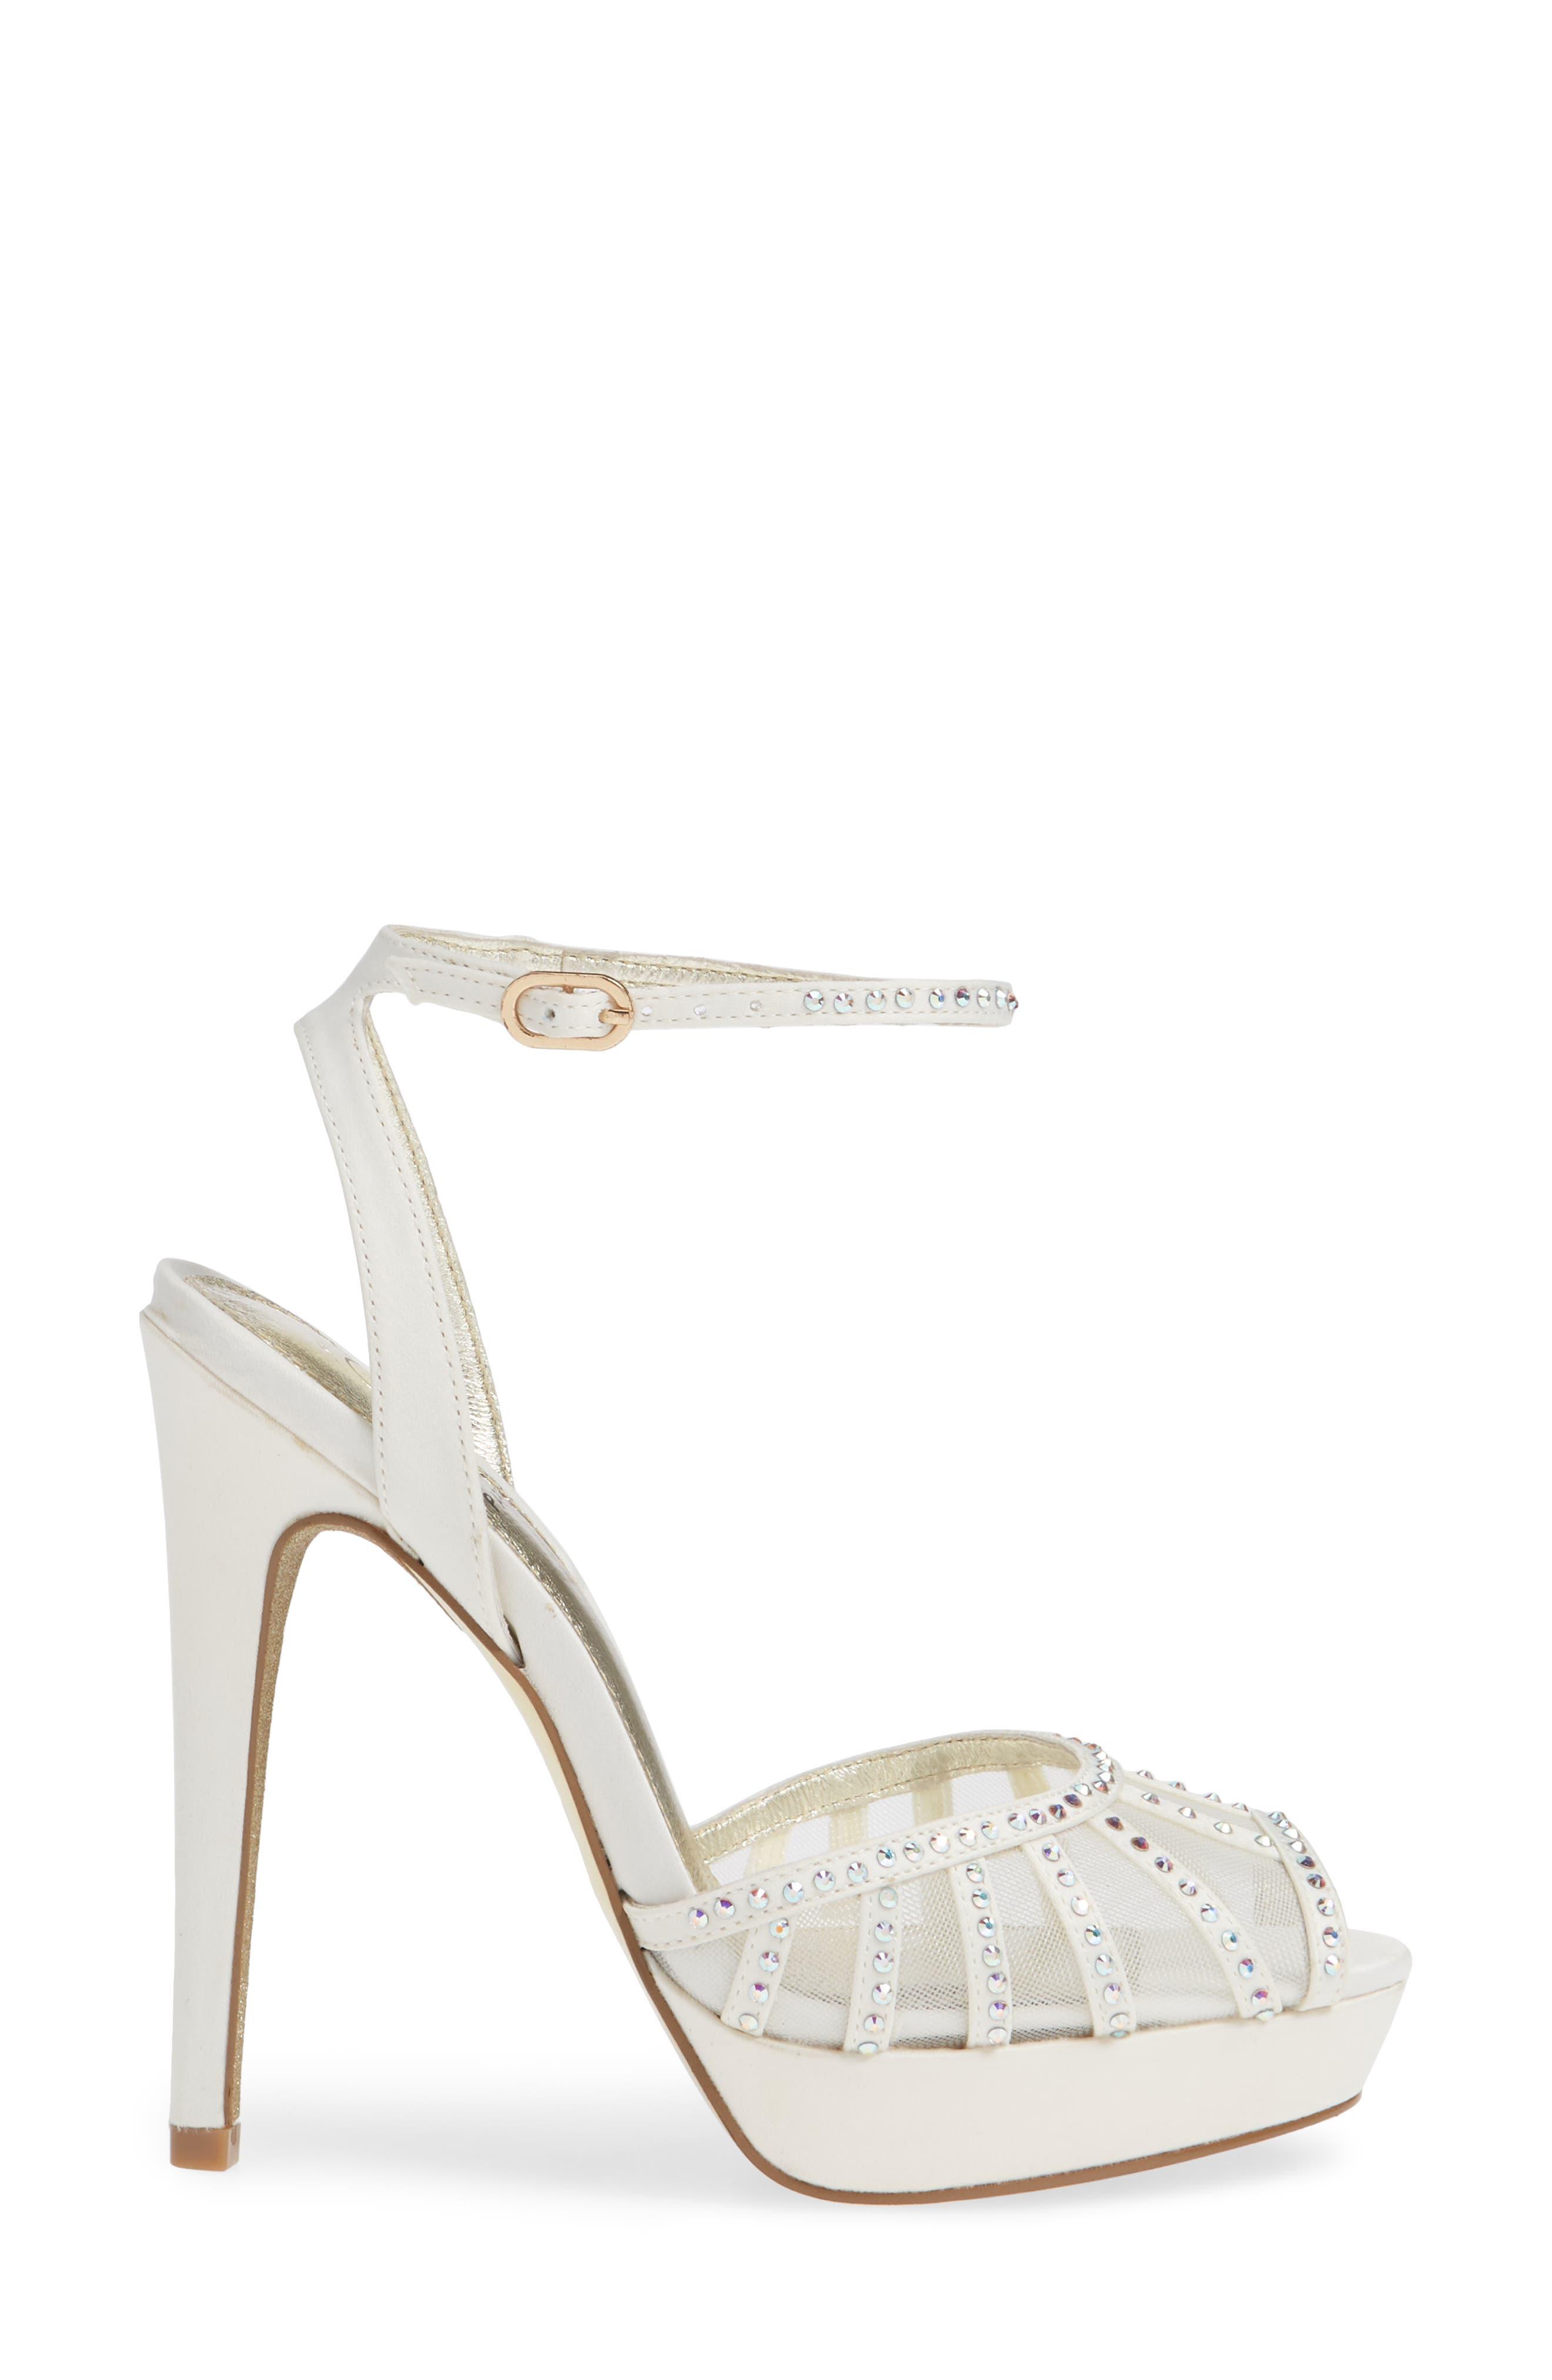 Simone Crystal Embellished Platform Sandal,                             Alternate thumbnail 5, color,                             Ivory